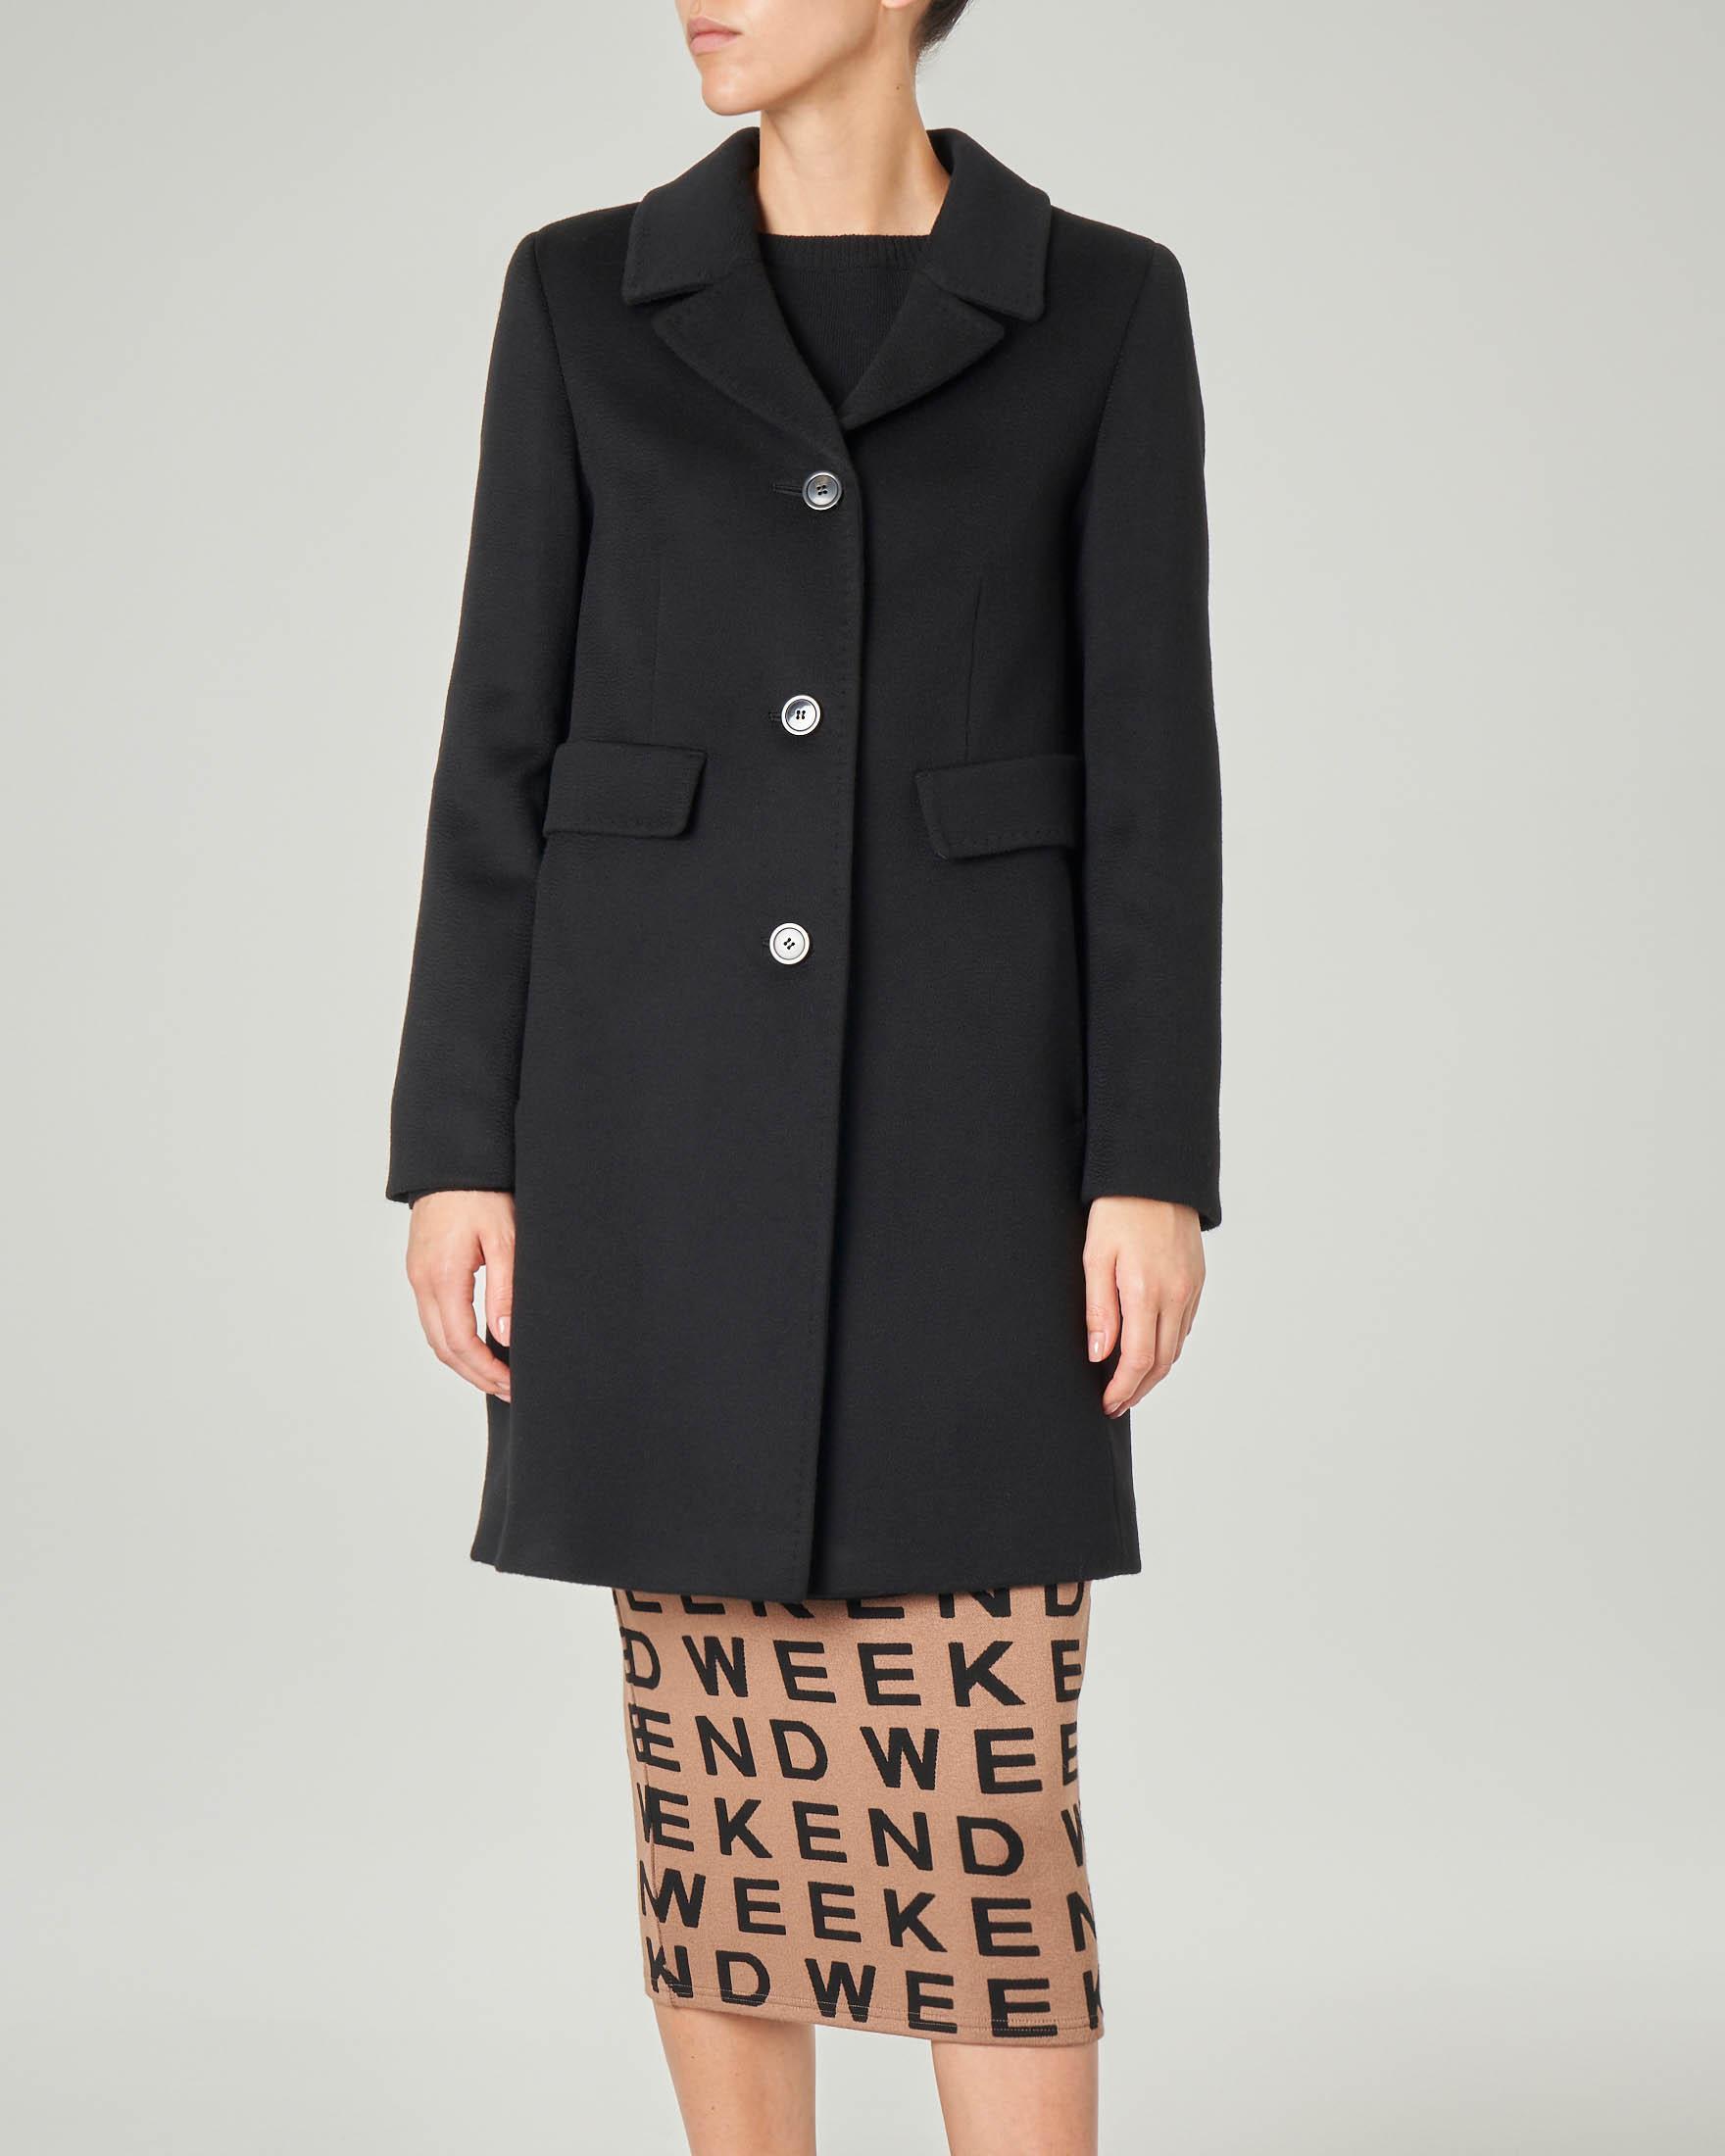 Cappotto nero in pura lana vergine con collo a rever